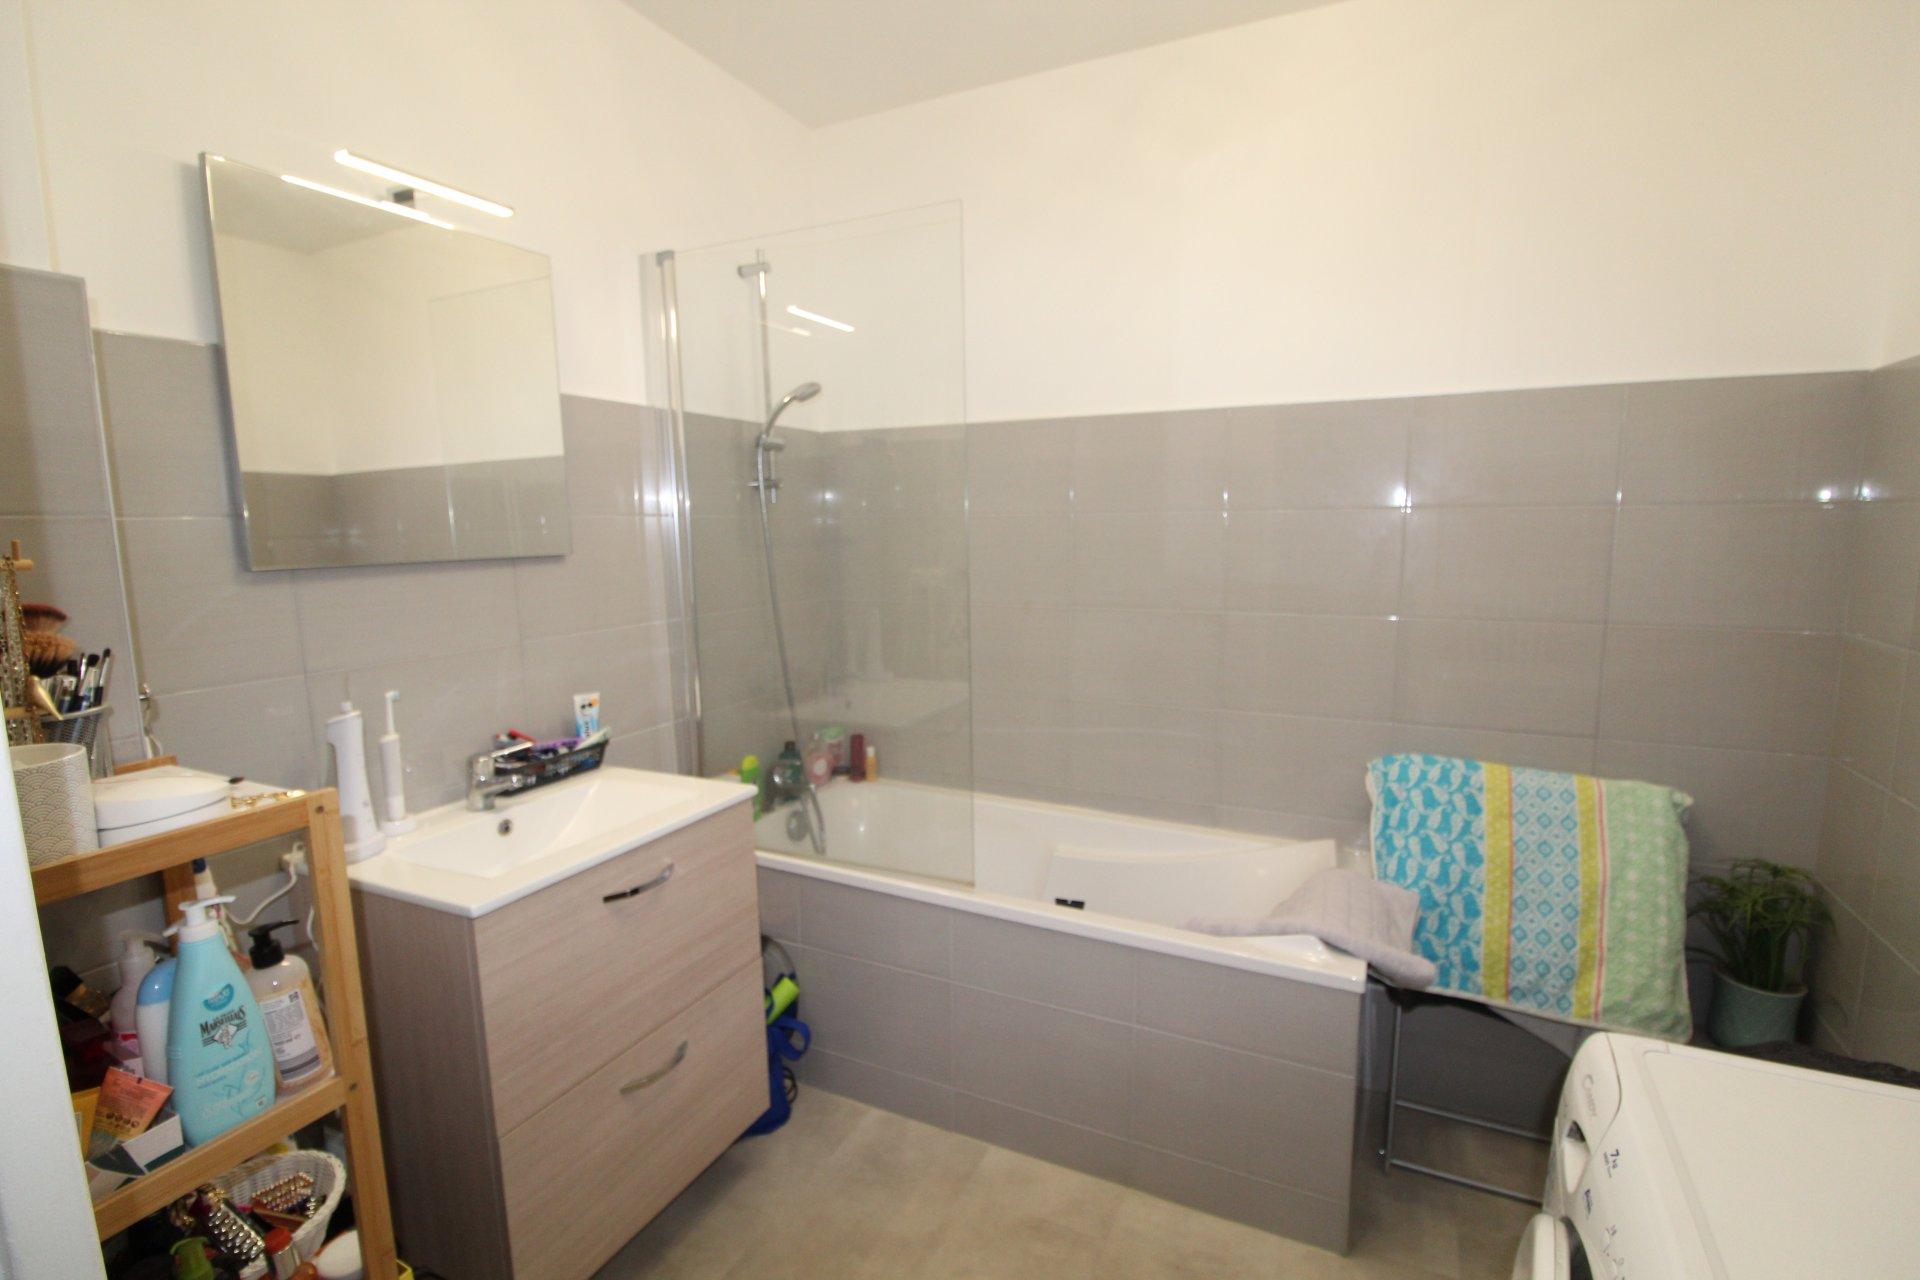 Appartement Saint-Priest en Jarez 4 pièces 74m2 avec balcon et garage